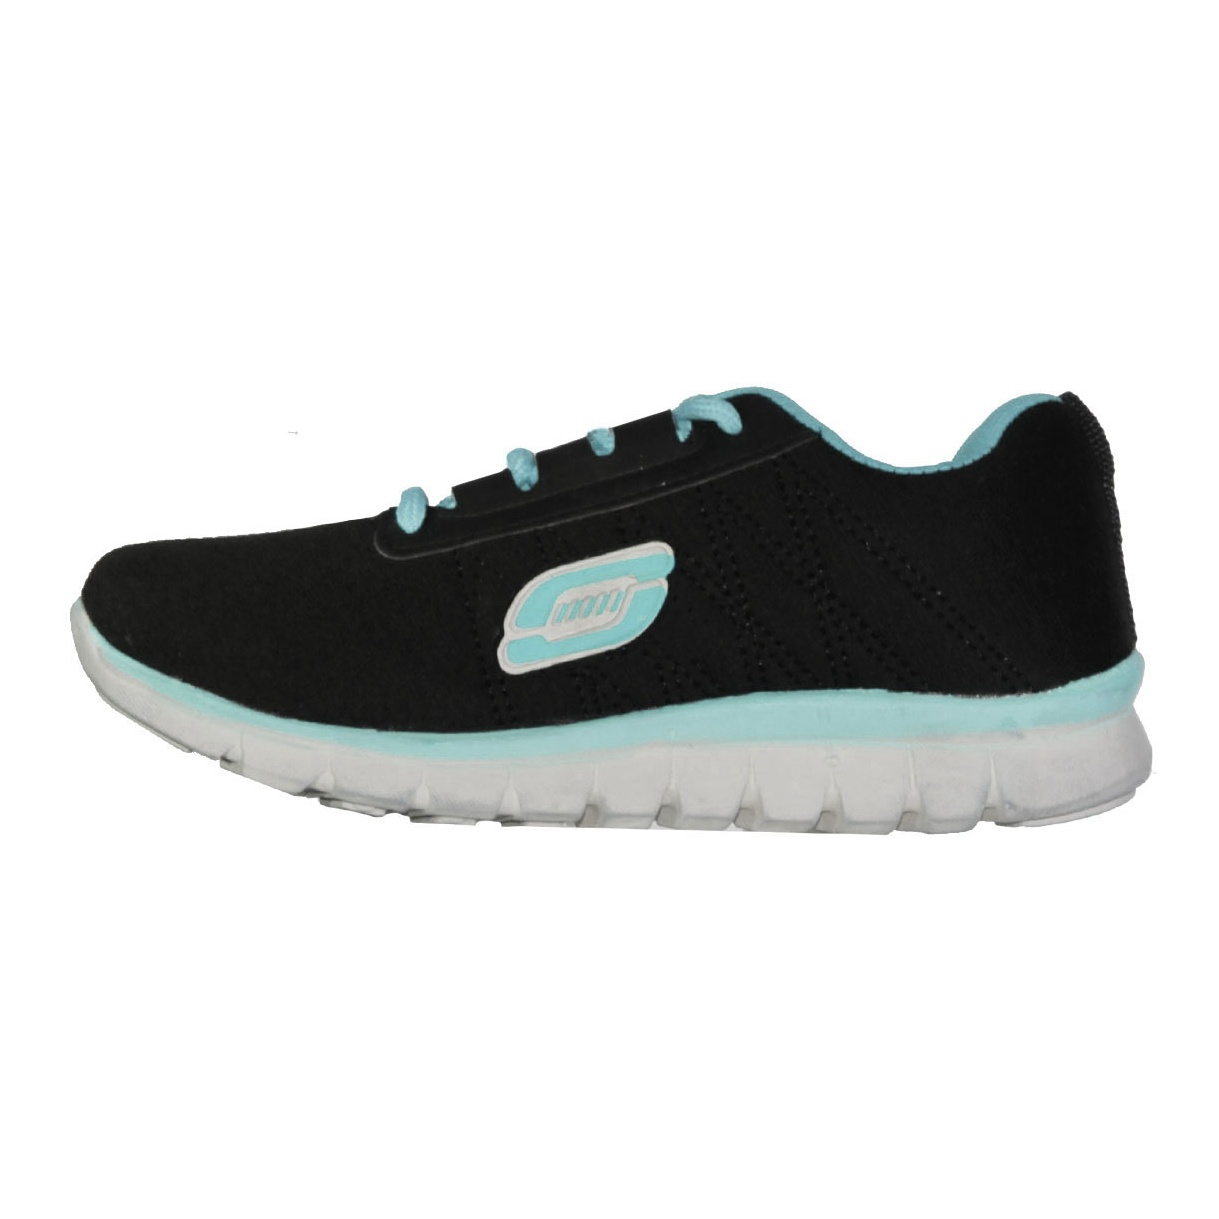 کفش مخصوص پیاده روی زنانه مدل John کد 02